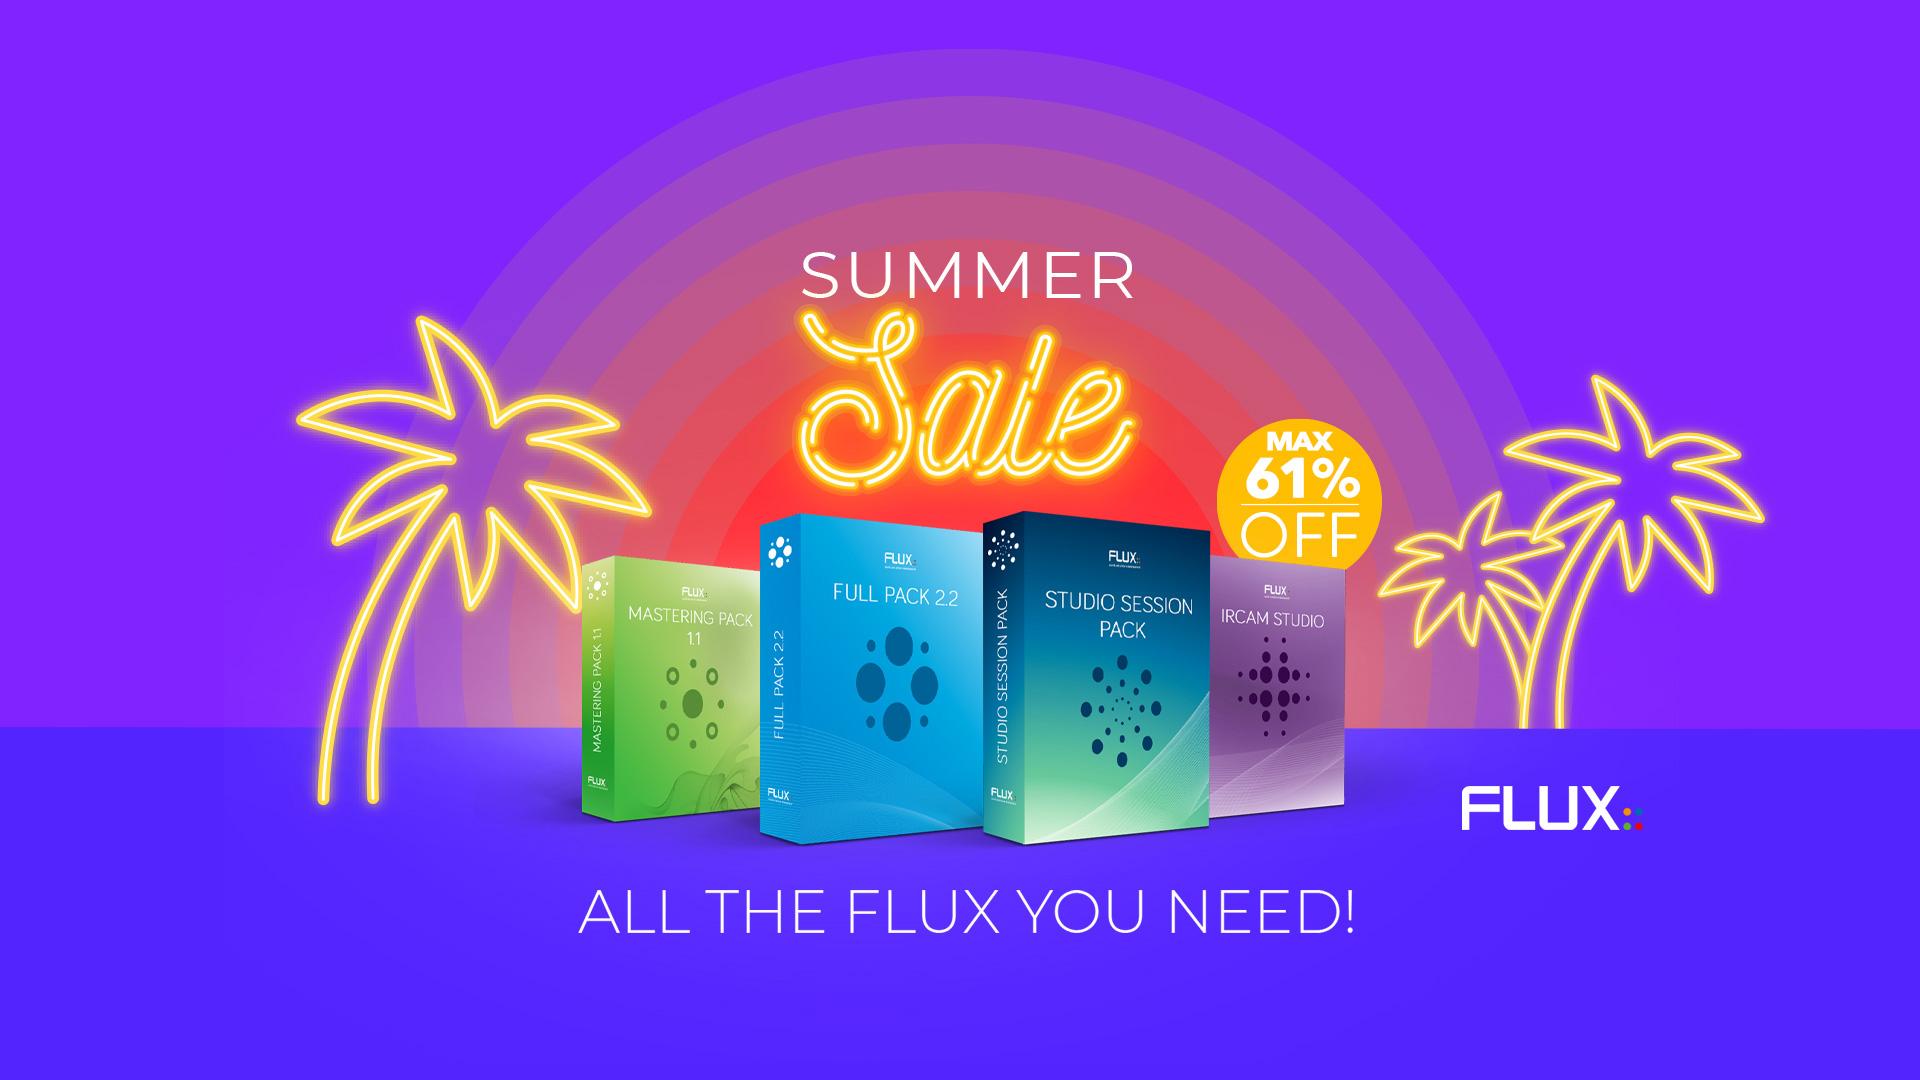 人気バンドルが最大61%オフ!Flux:: Summer Sale 2019